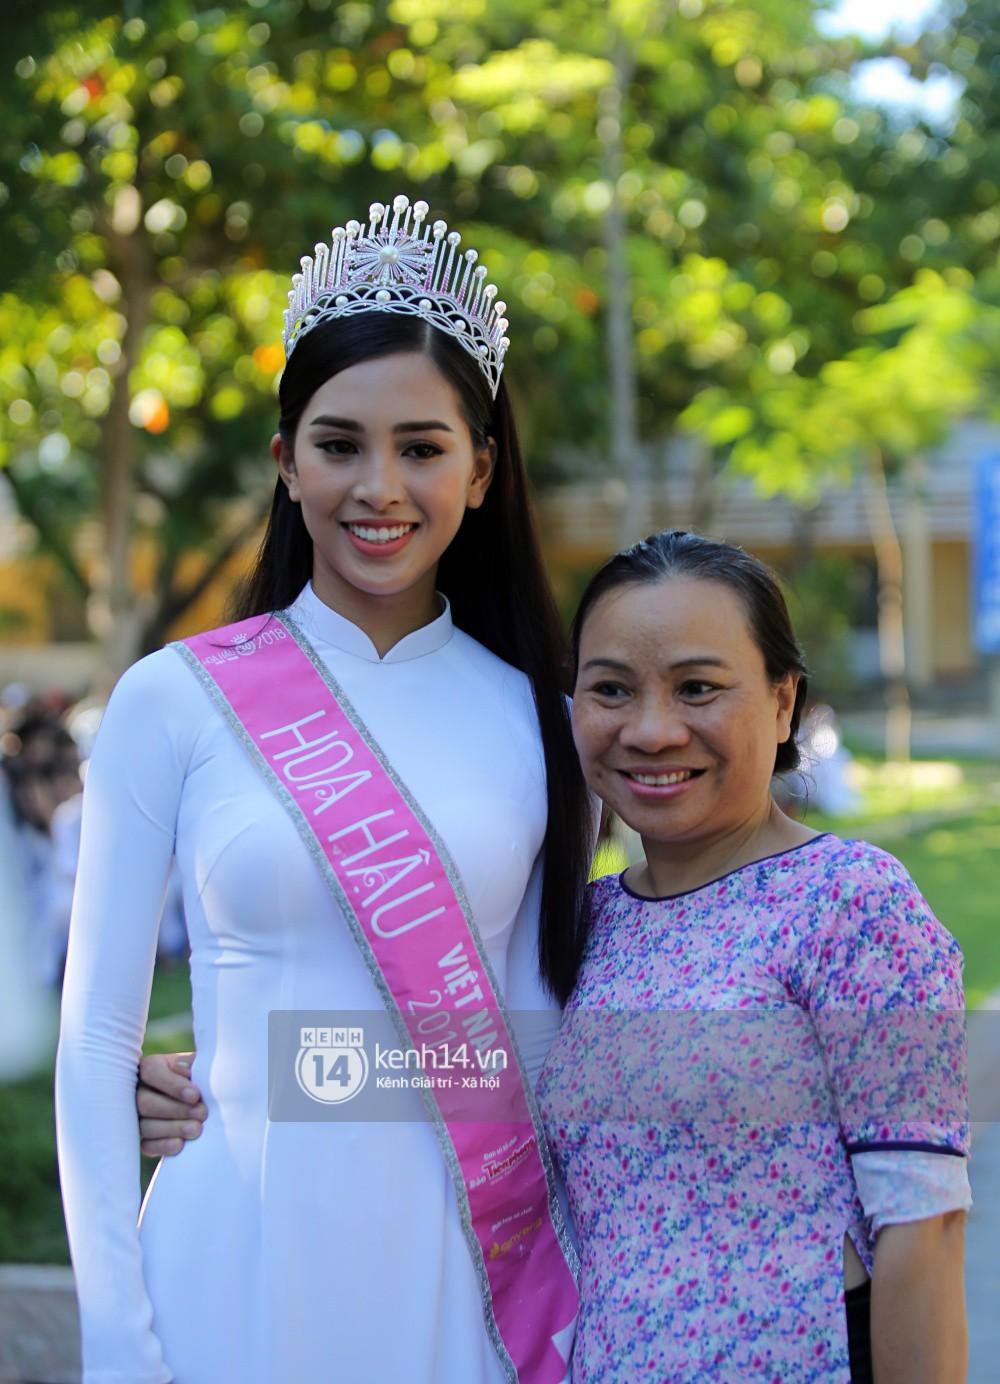 Hoa hậu Trần Tiểu Vy dịu dàng trong tà áo dài nữ sinh, về trường cũ tại Hội An dự lễ chào cờ - Ảnh 10.